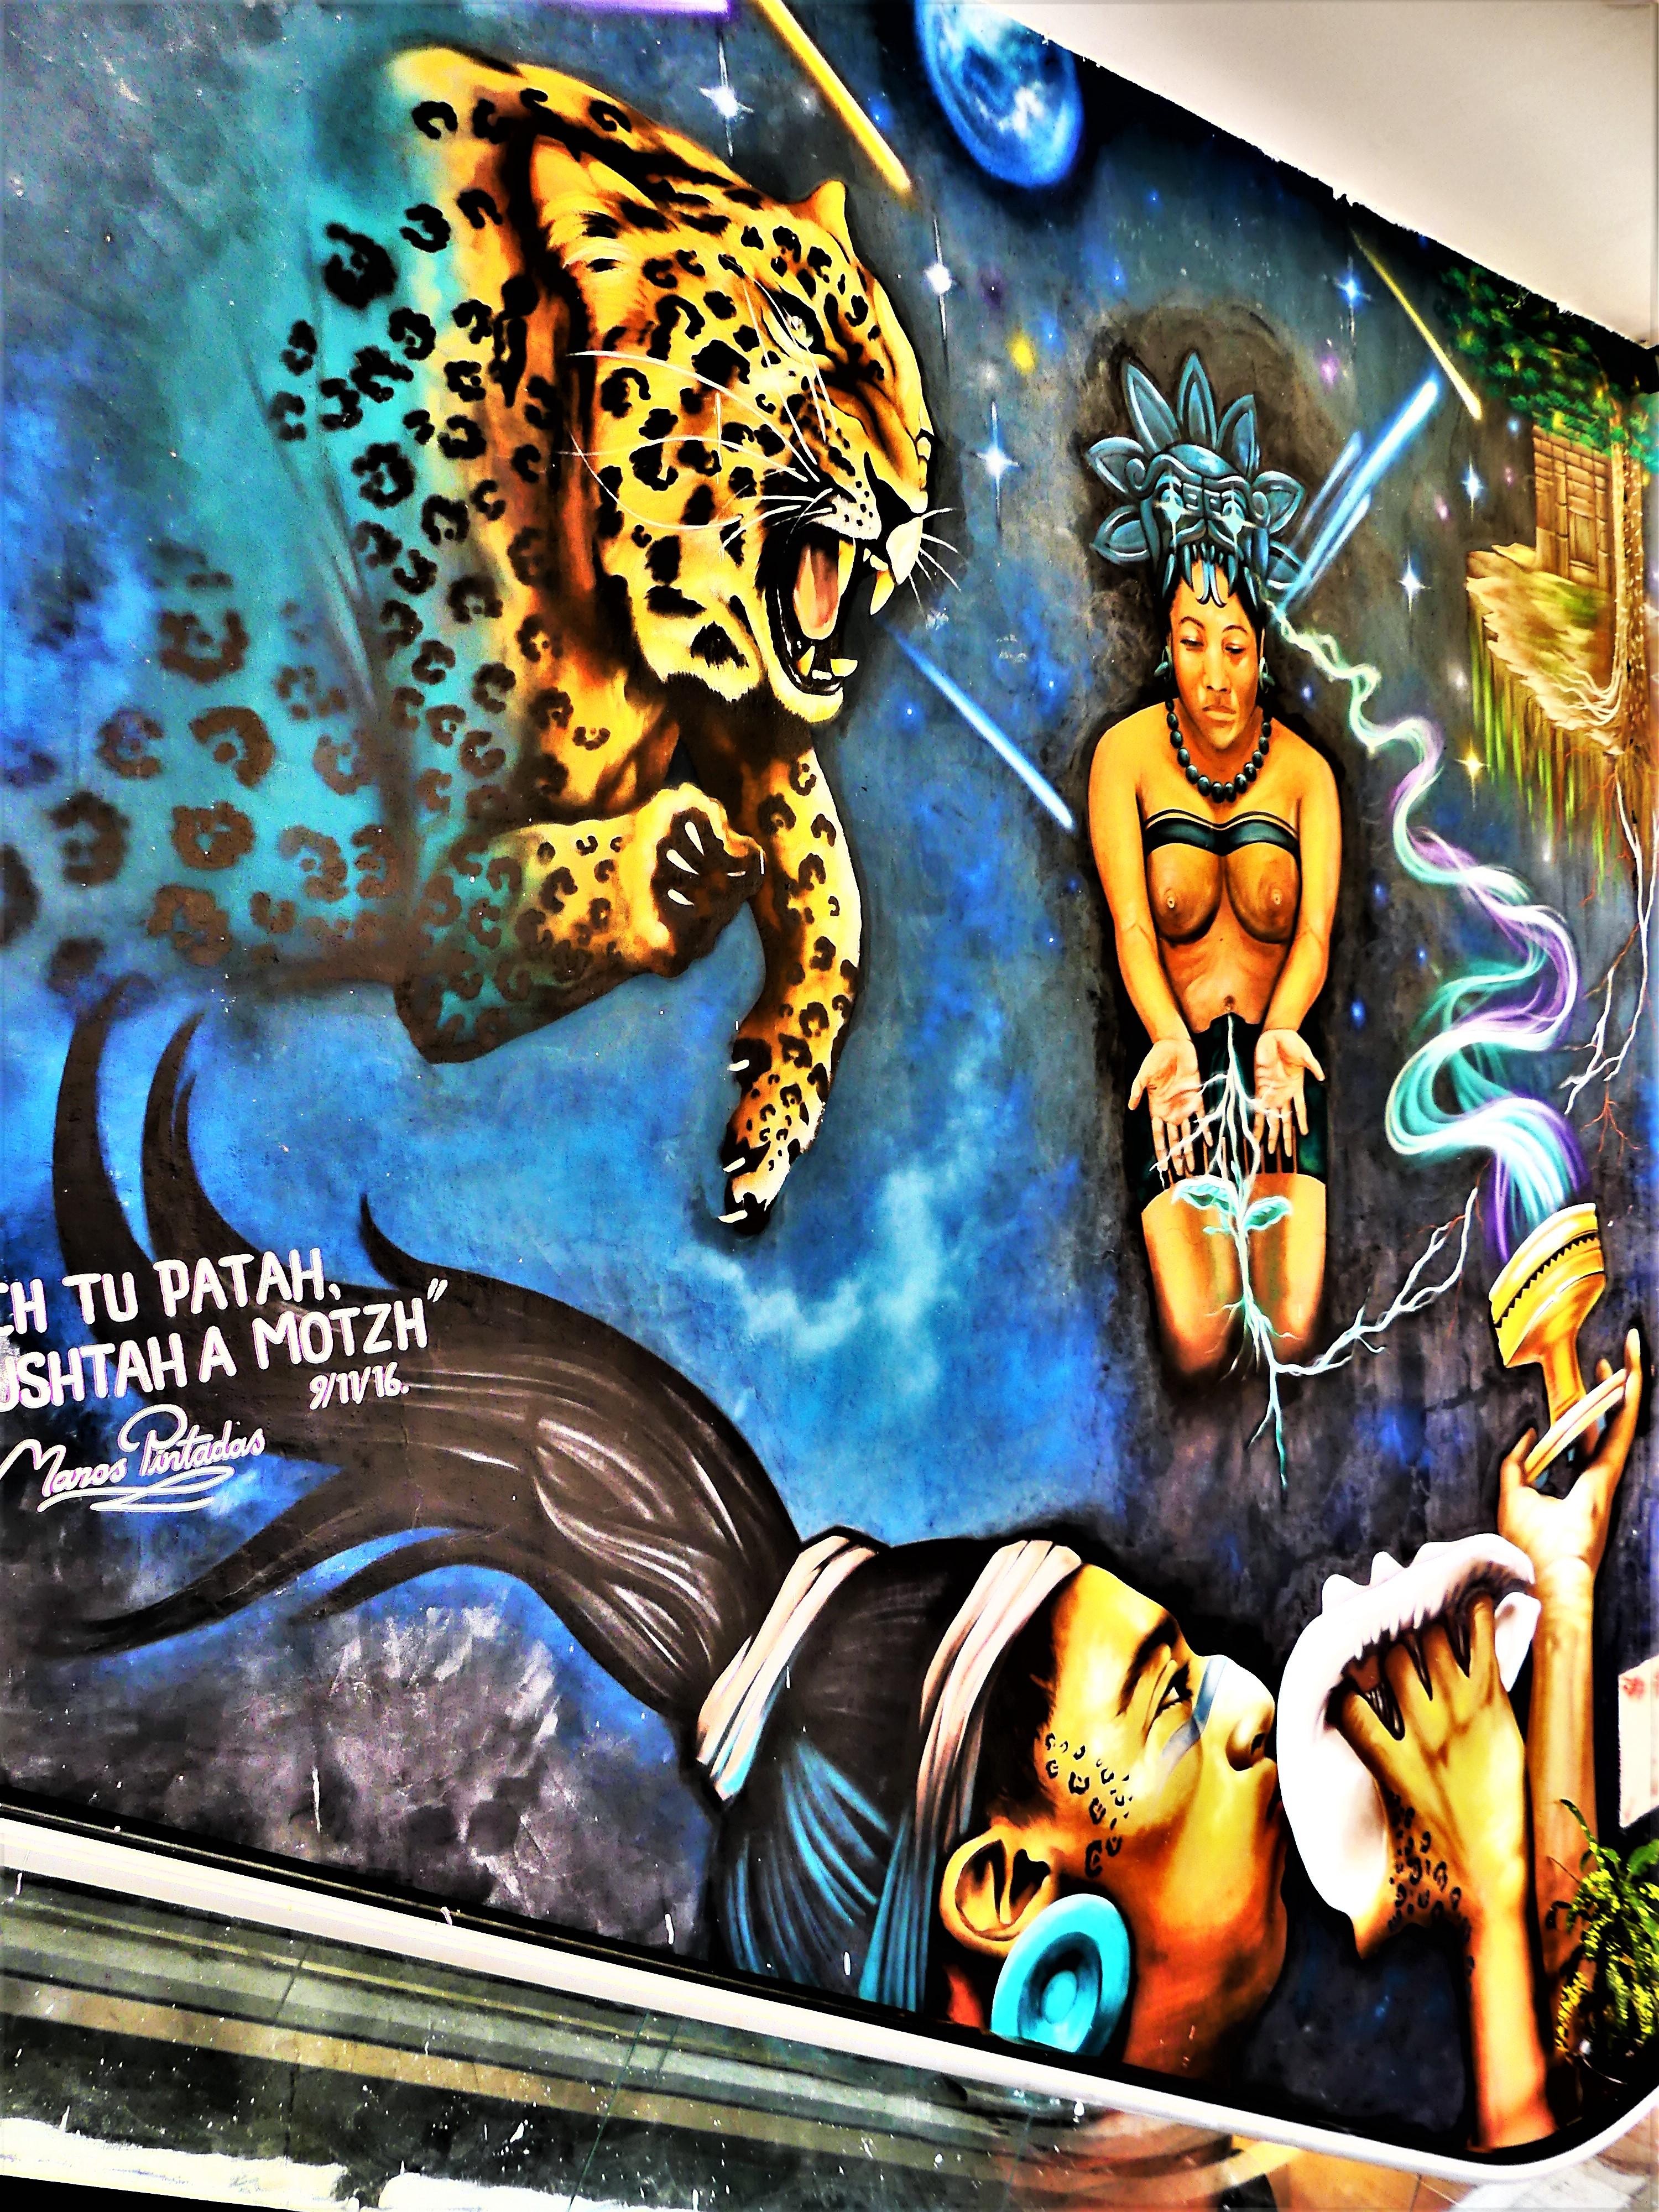 mayan culture mural